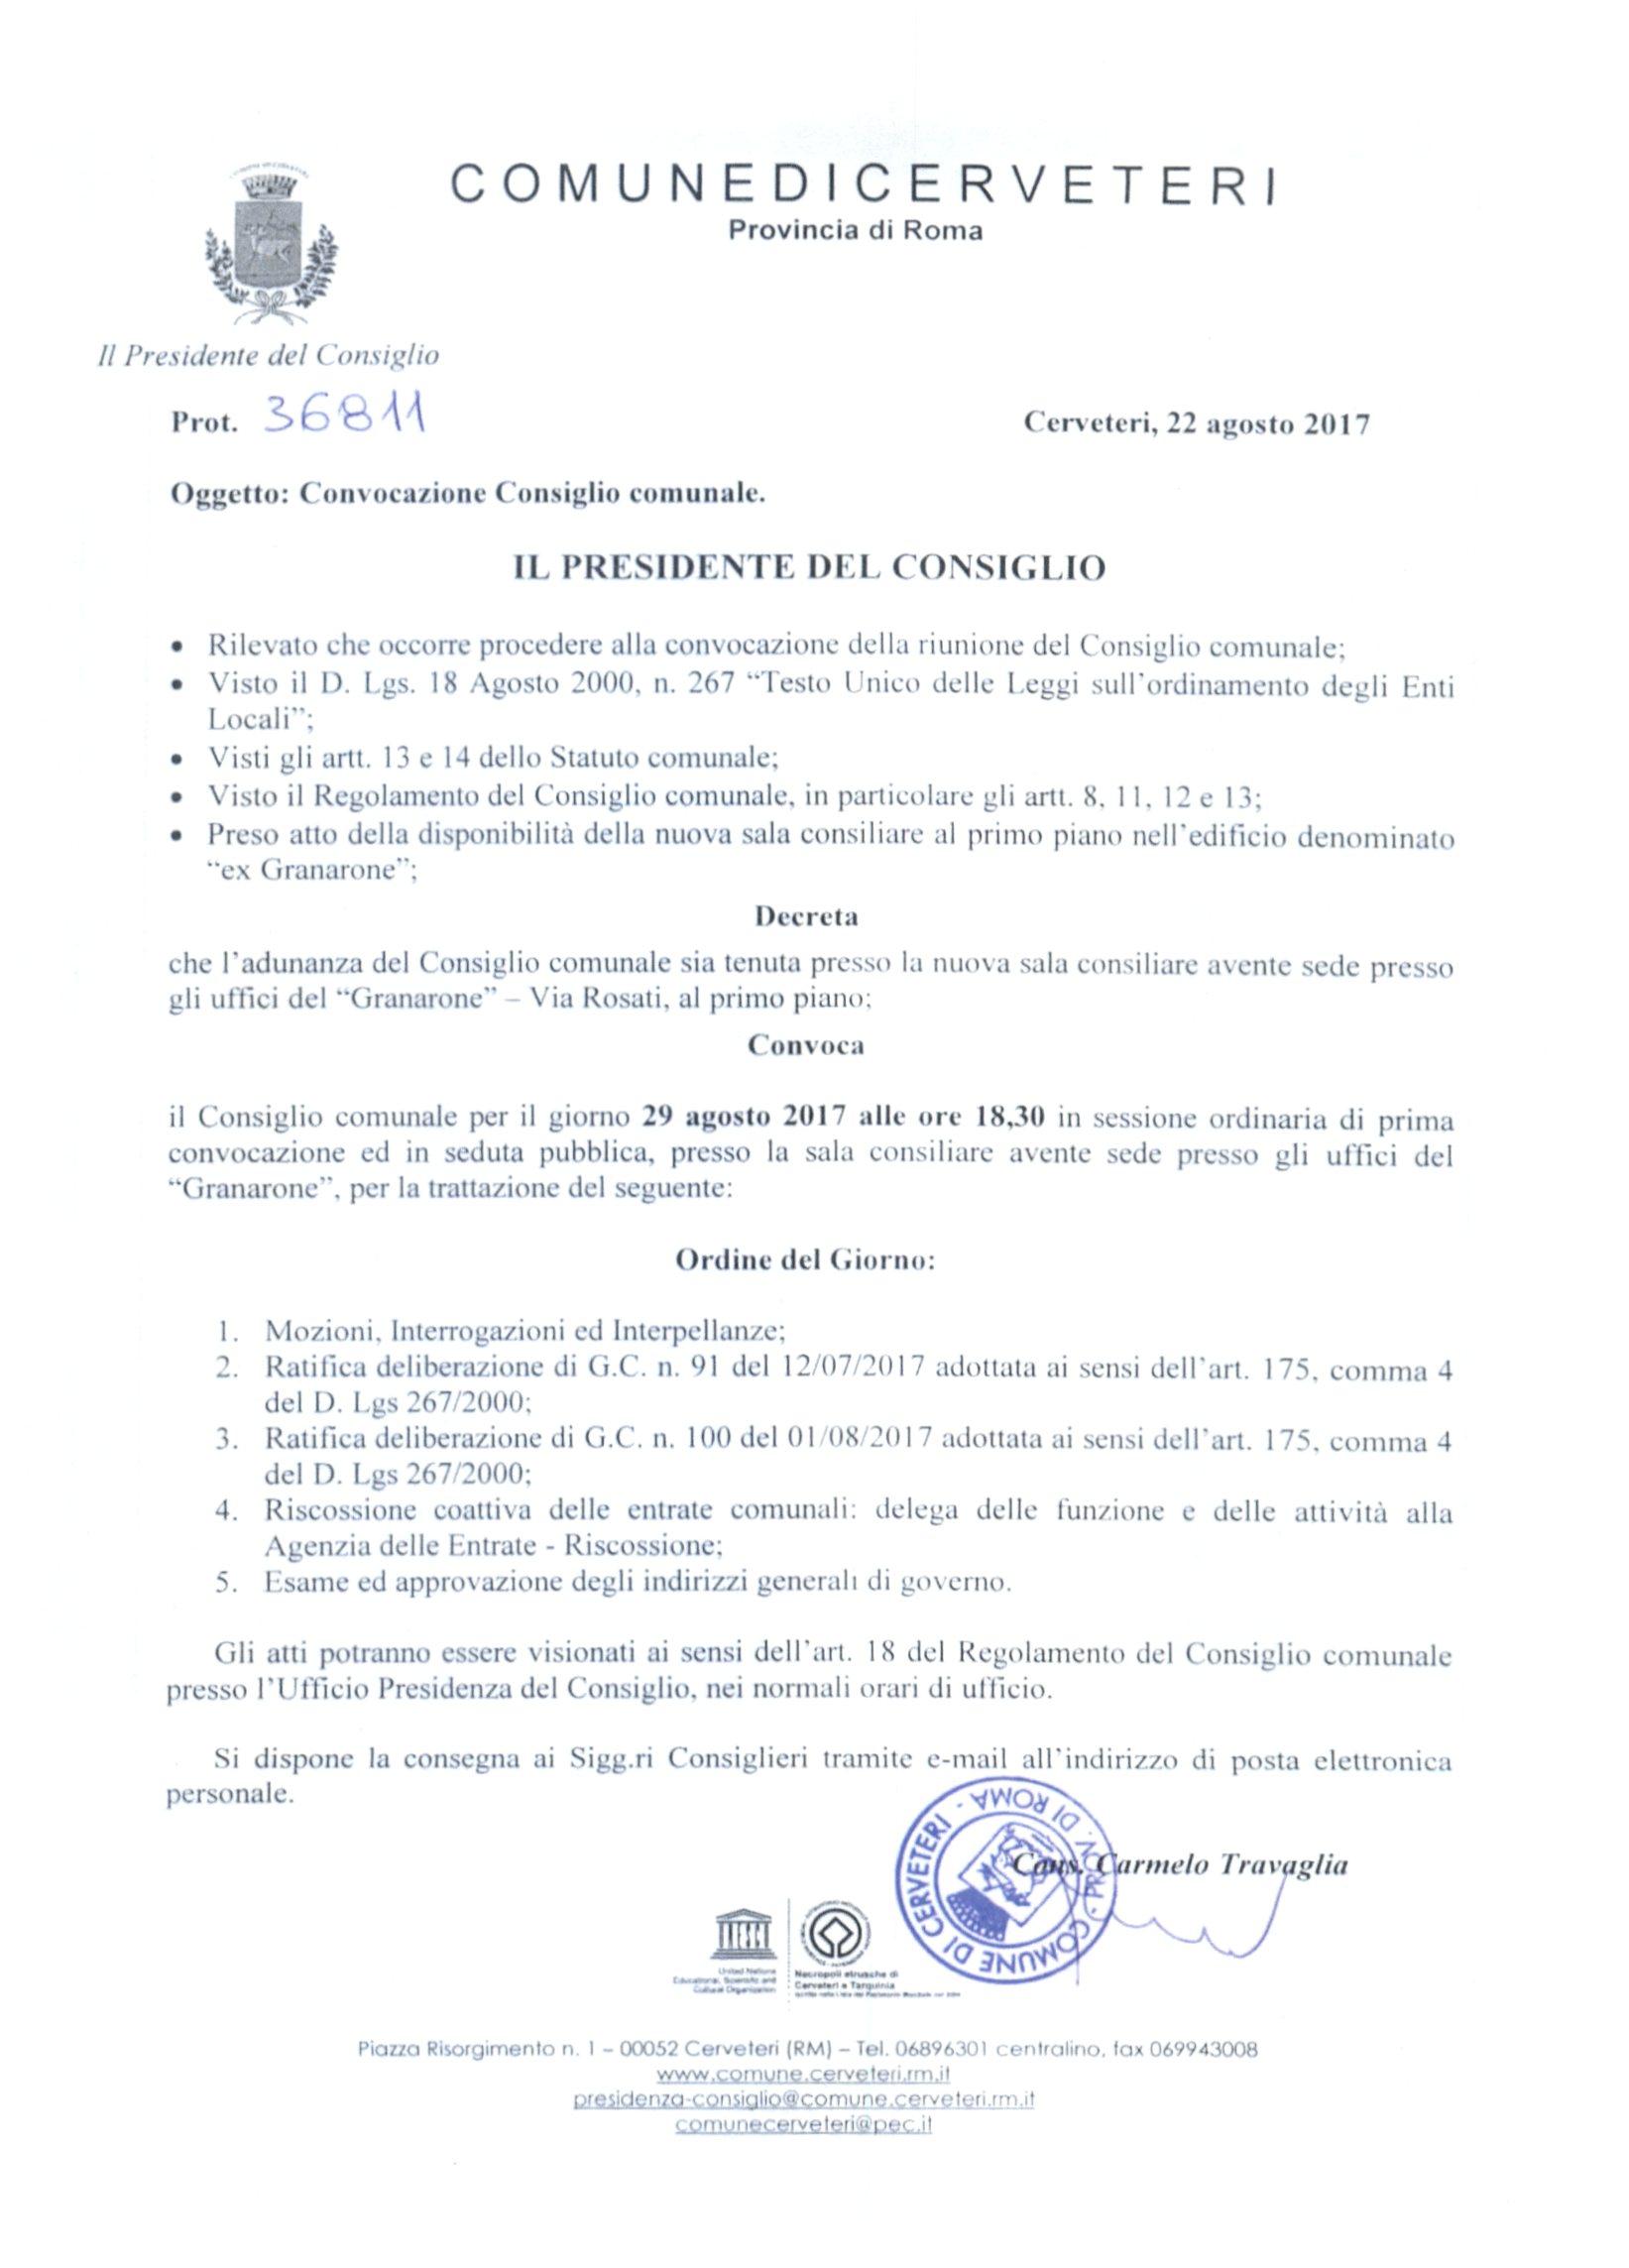 Convocazione Consiglio Comunale del 29/08/2017